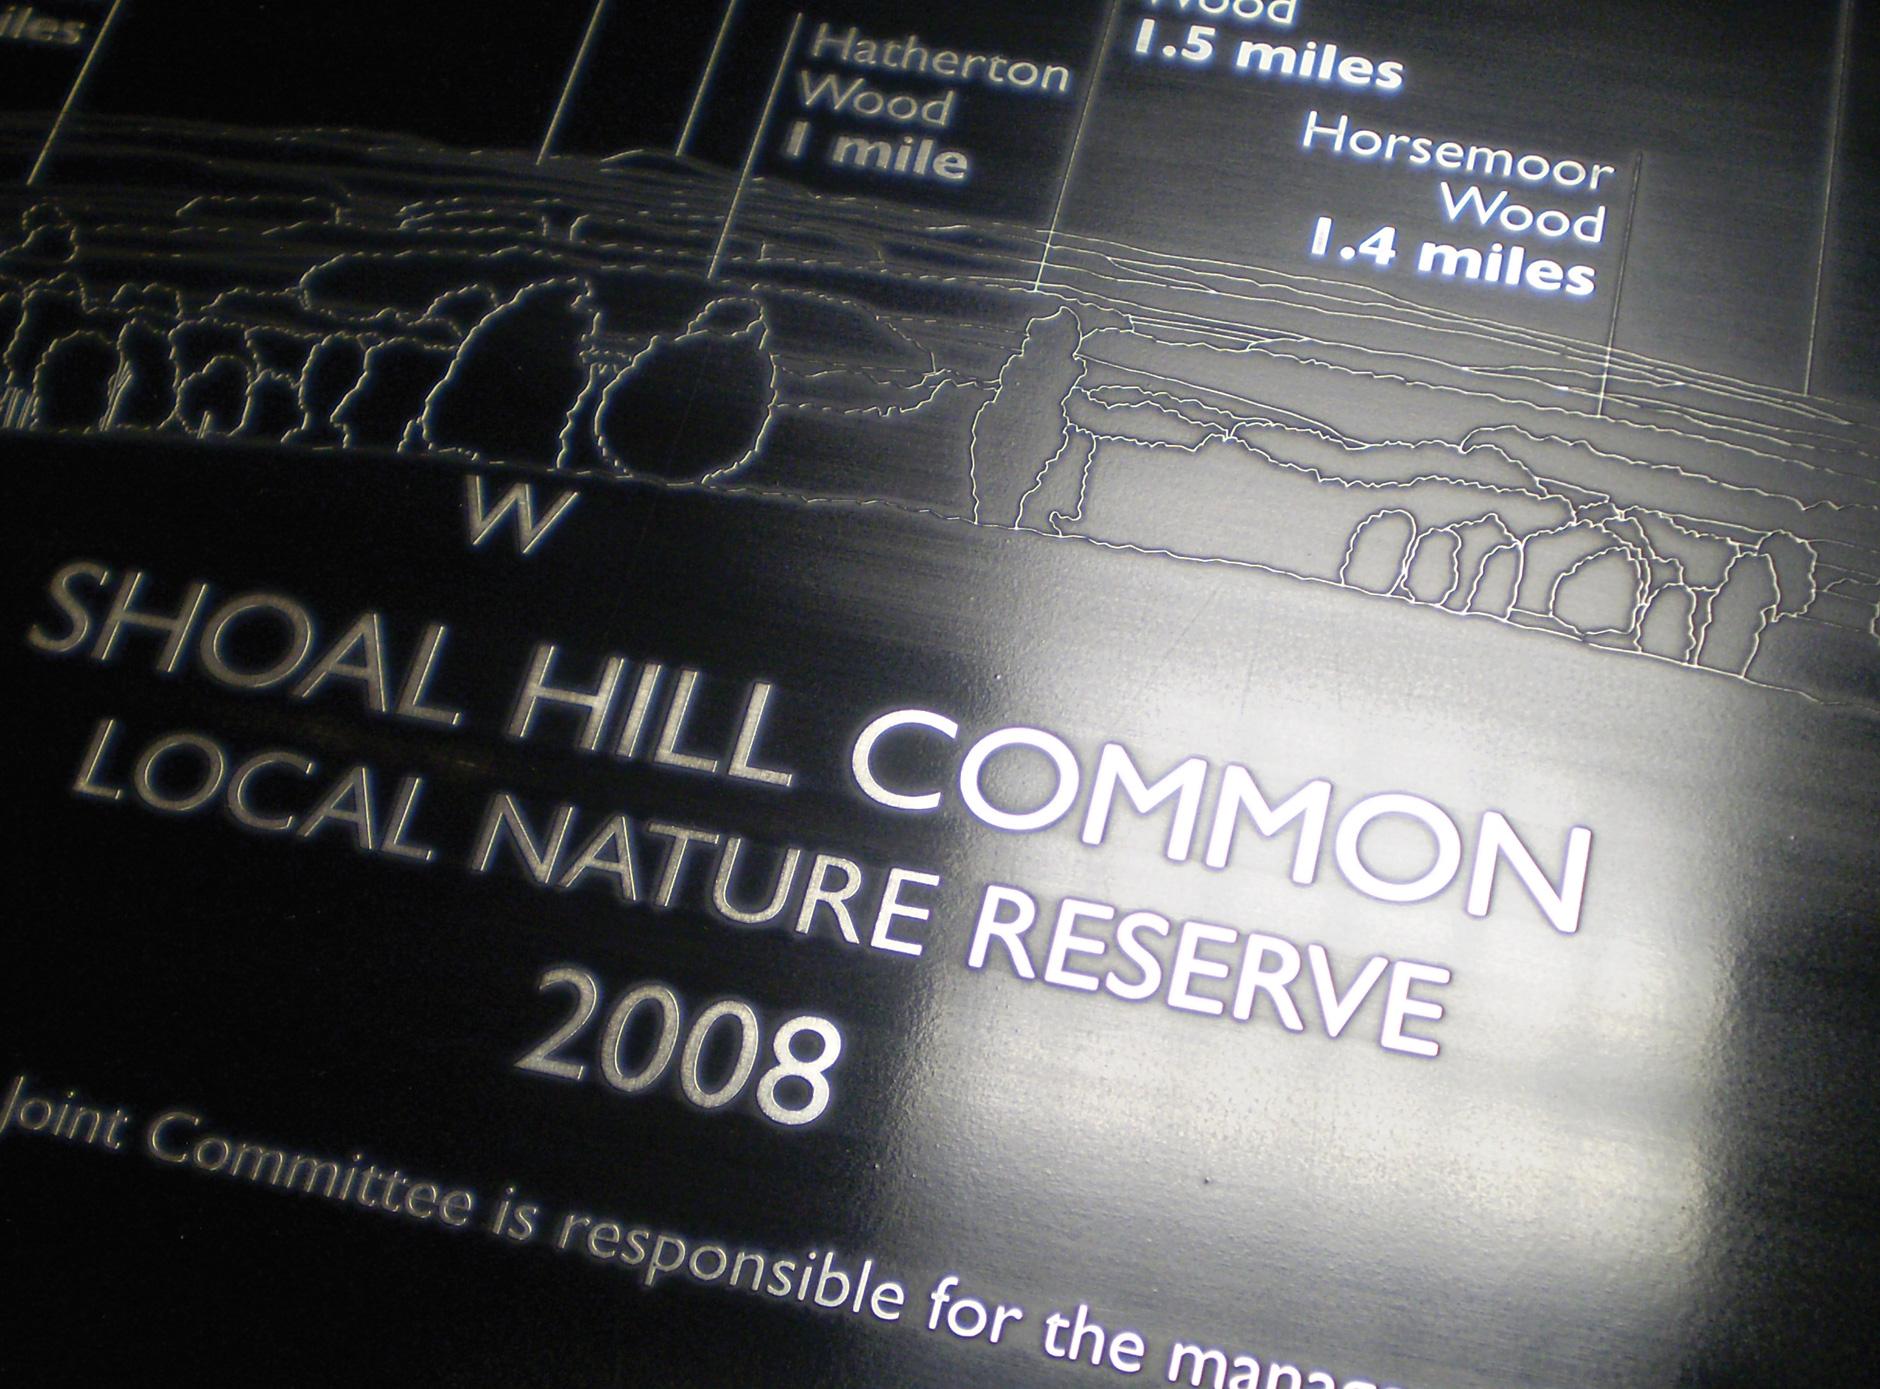 Shoal Hill Common toposcope